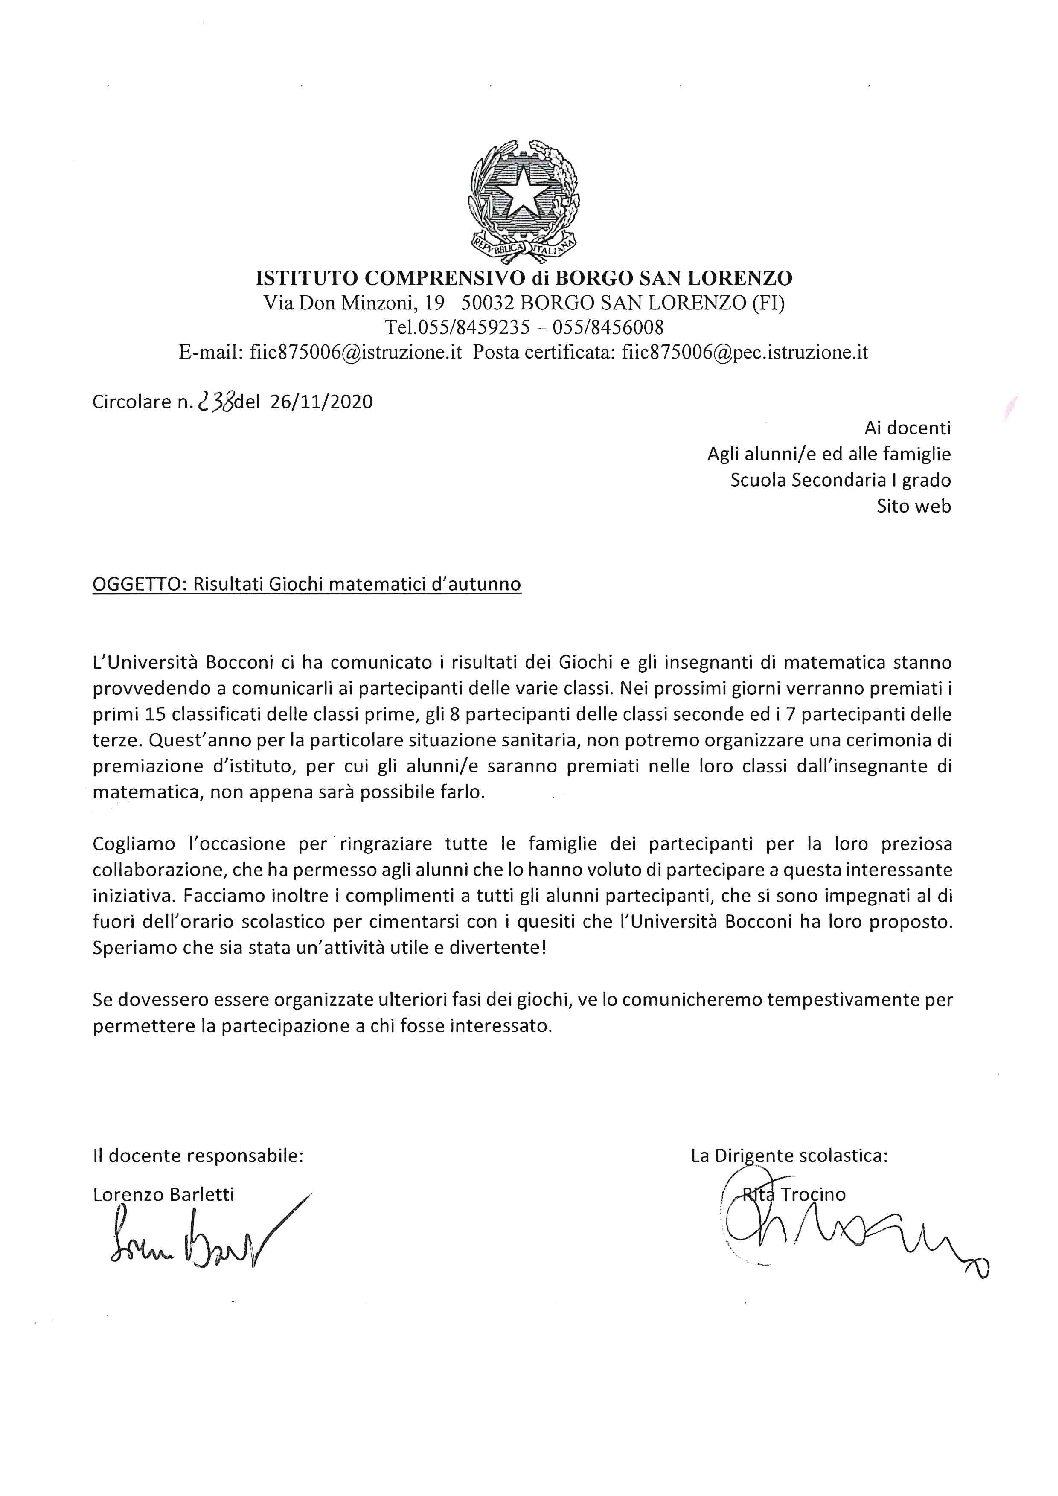 CIRC. 238 – RISULTATI GIOCHI MATEMATICI D'AUTUNNO